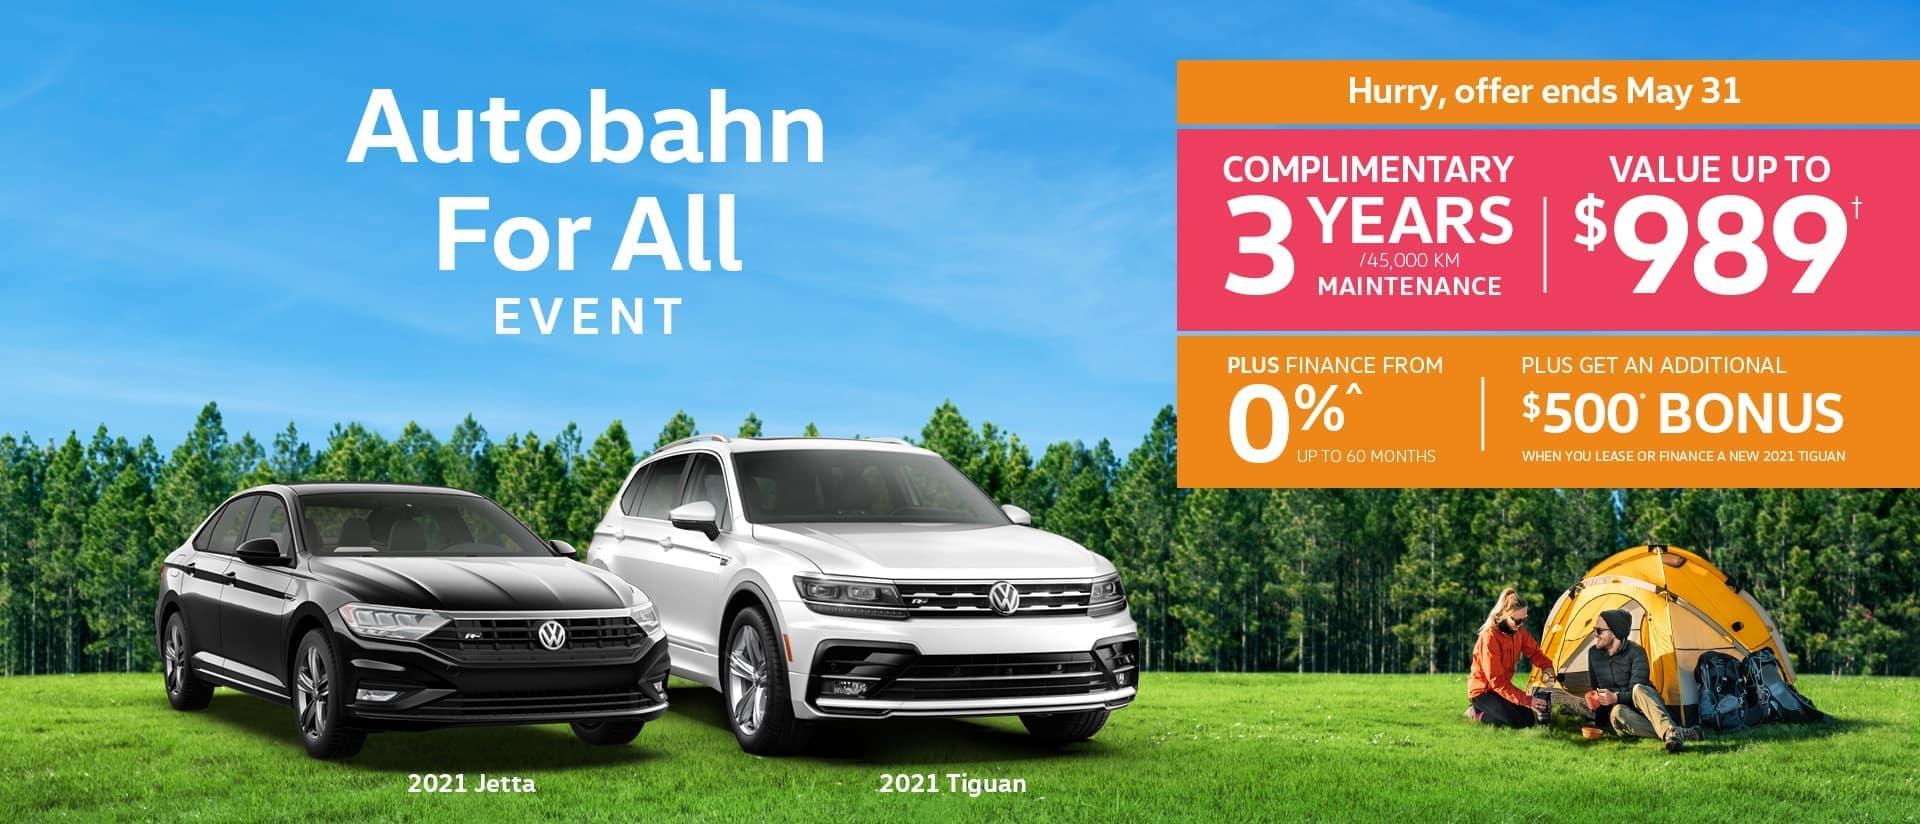 Auobahn for All Sale desktop banner